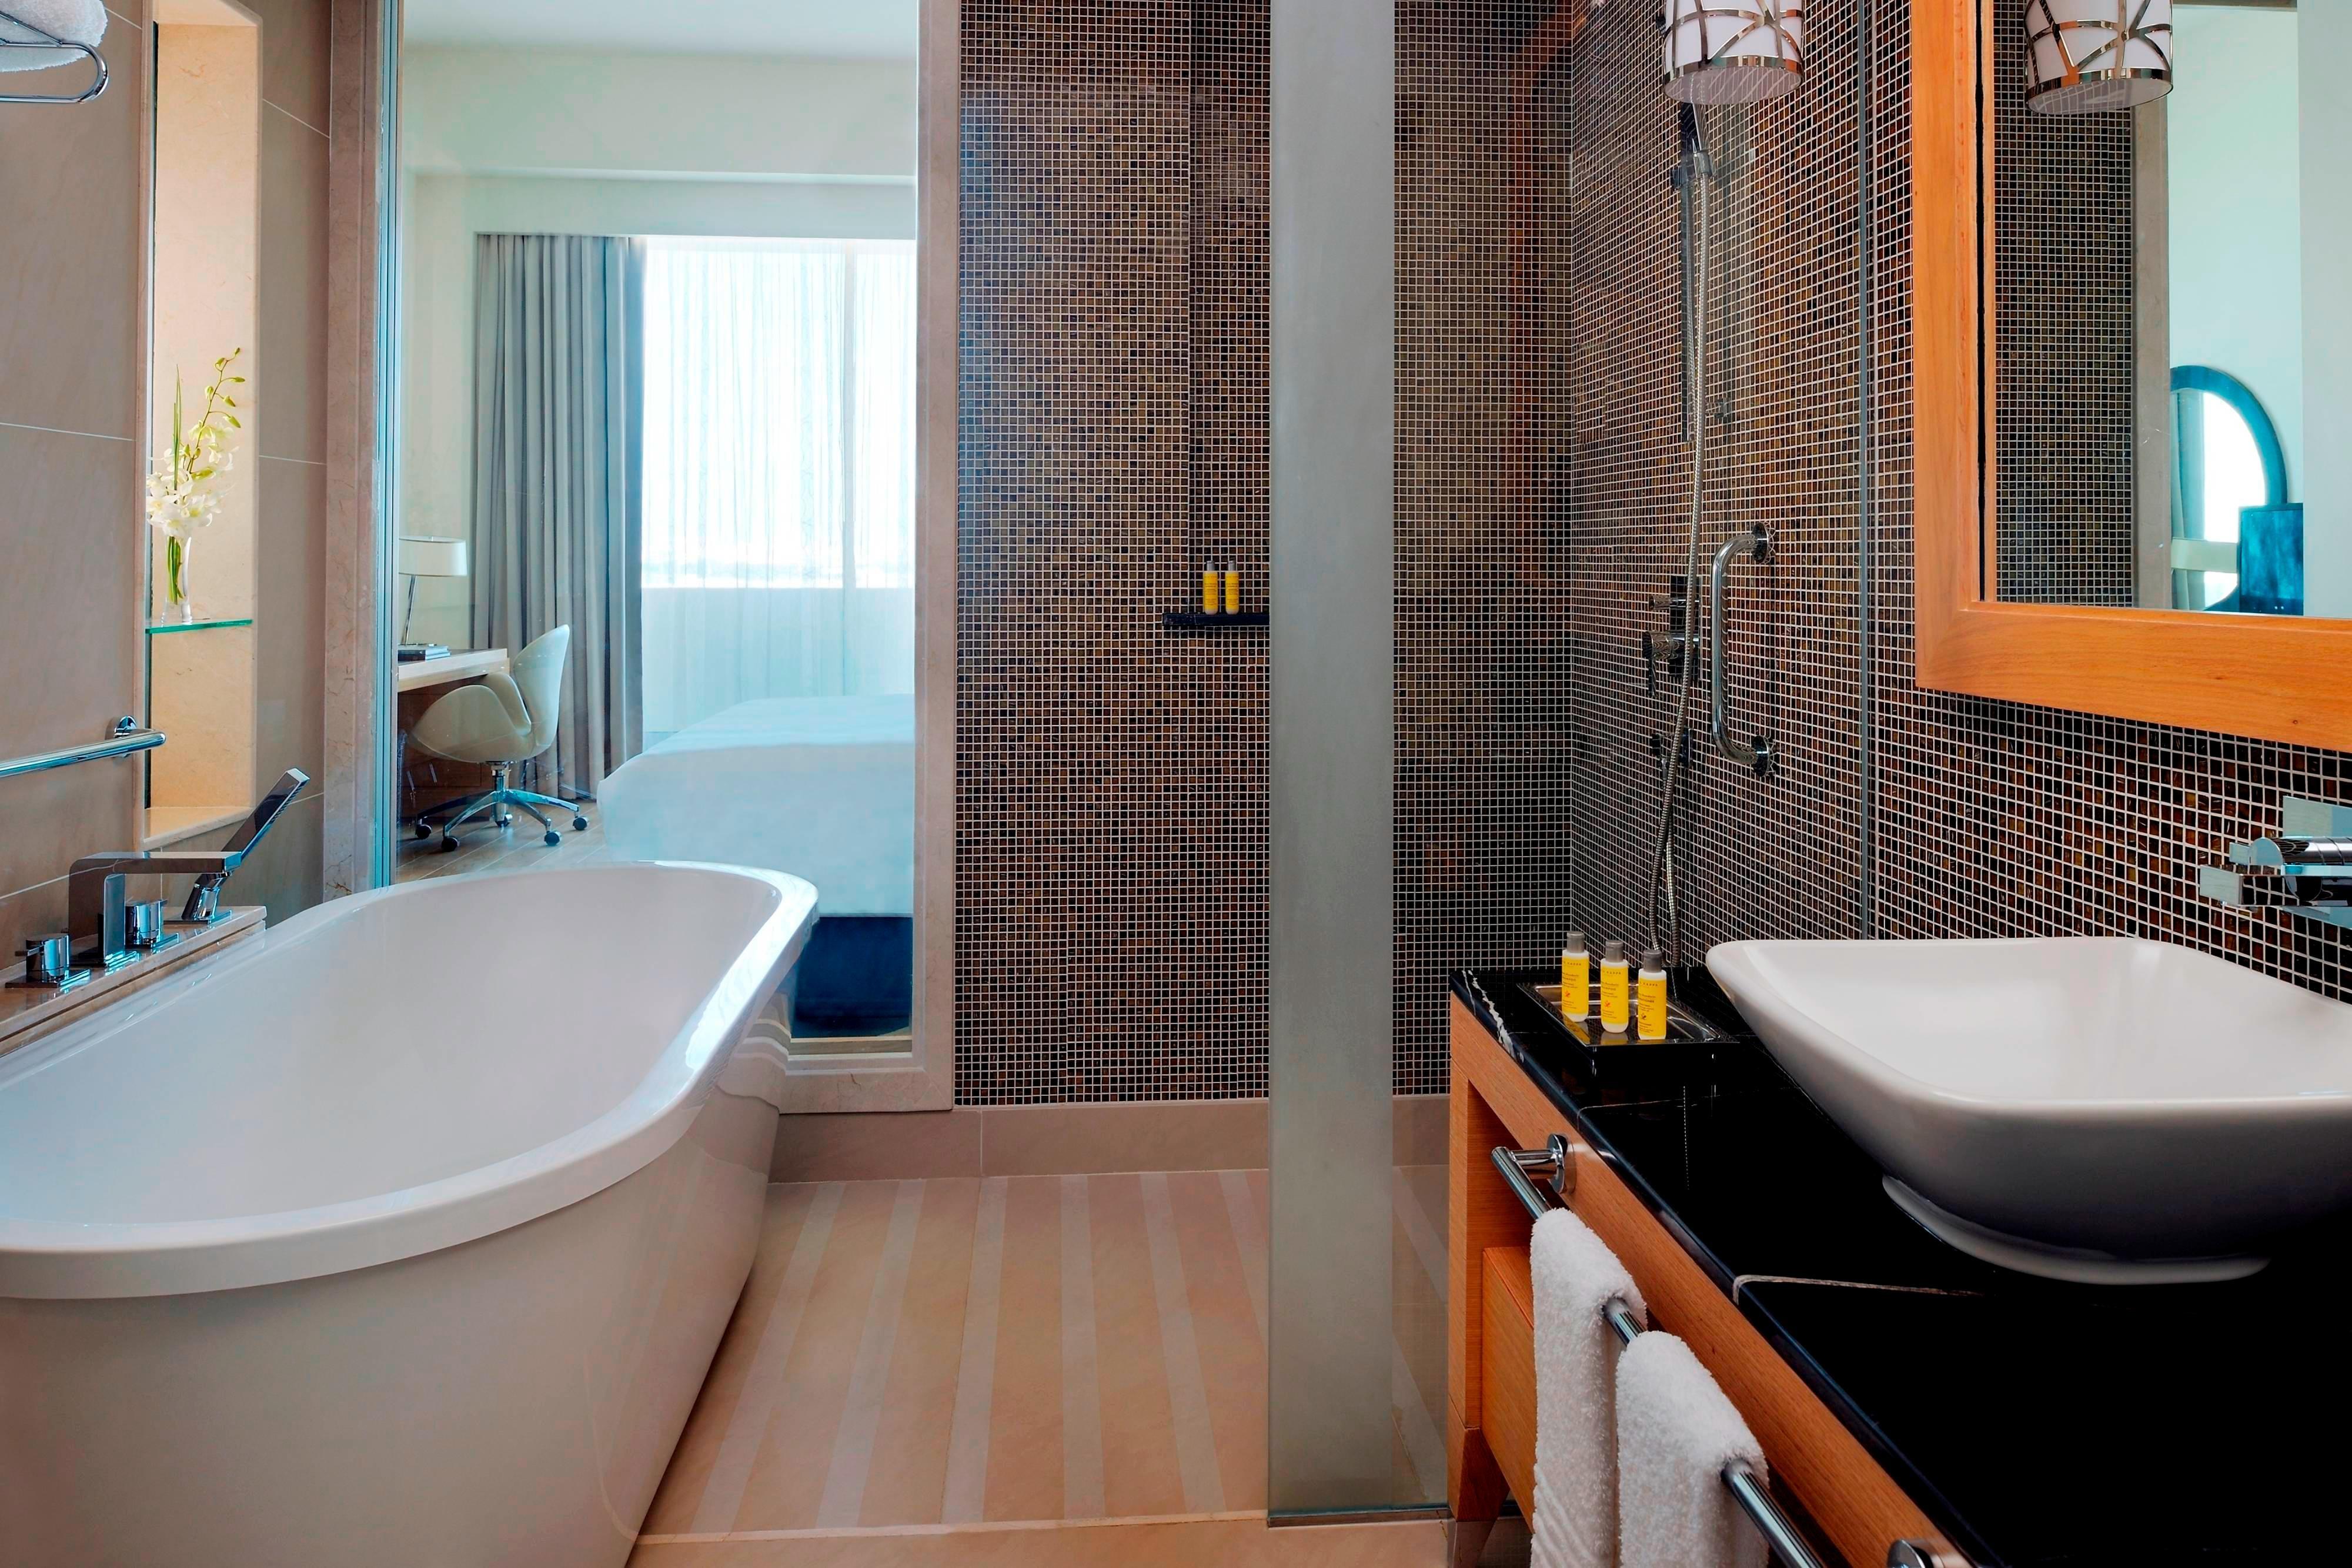 Dubai Hotel Gästebad